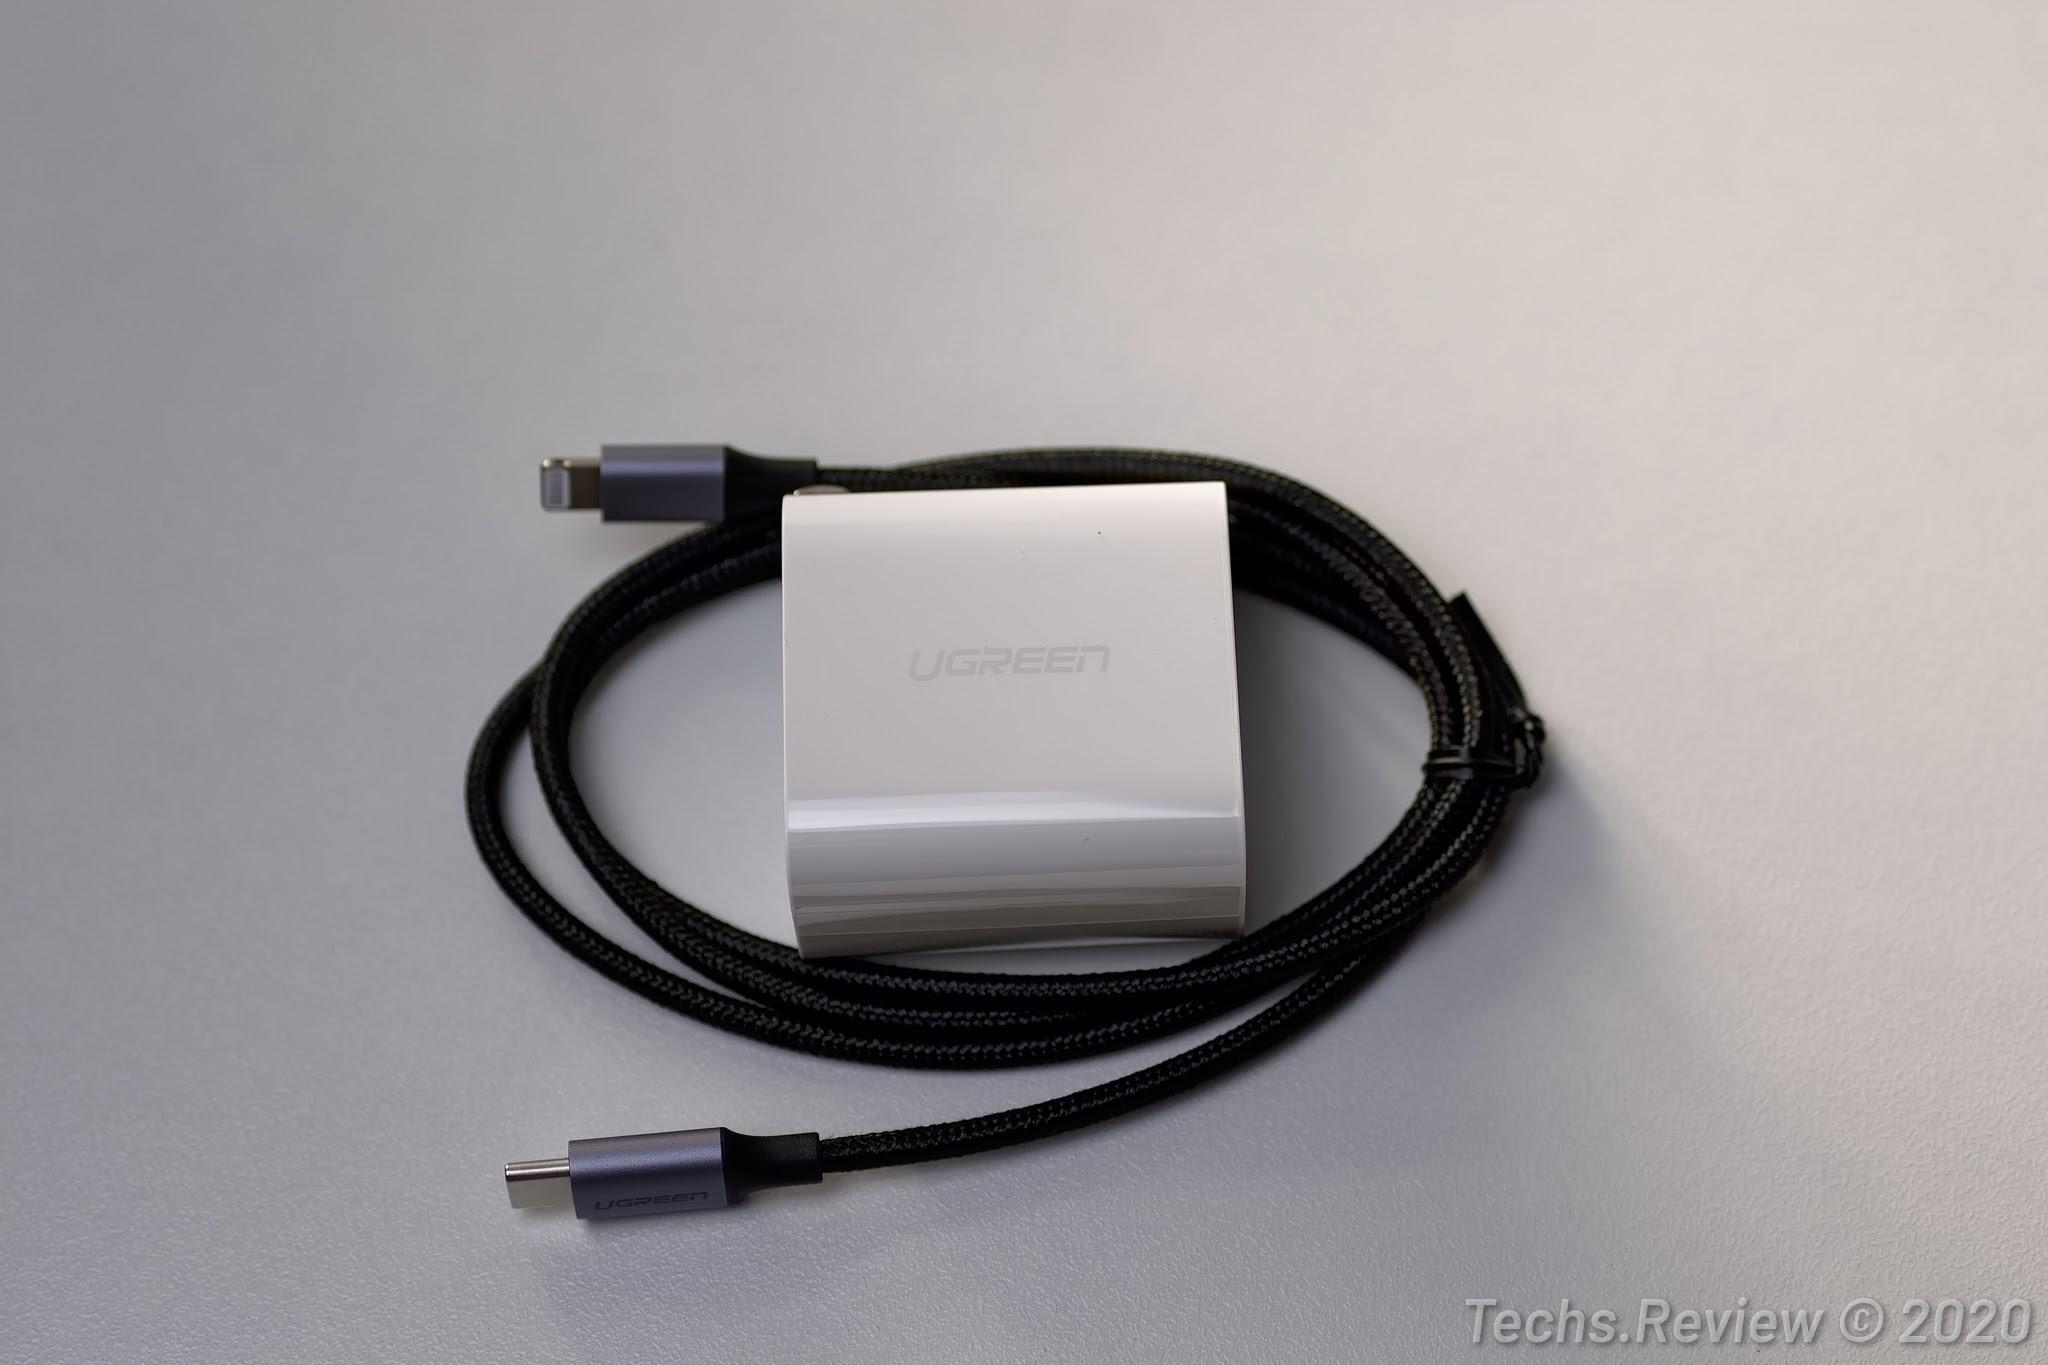 Cáp USB-C ra Lightning Ugreen 60759 và Sạc nhanh 2 cổng 18W Ugreen 70512